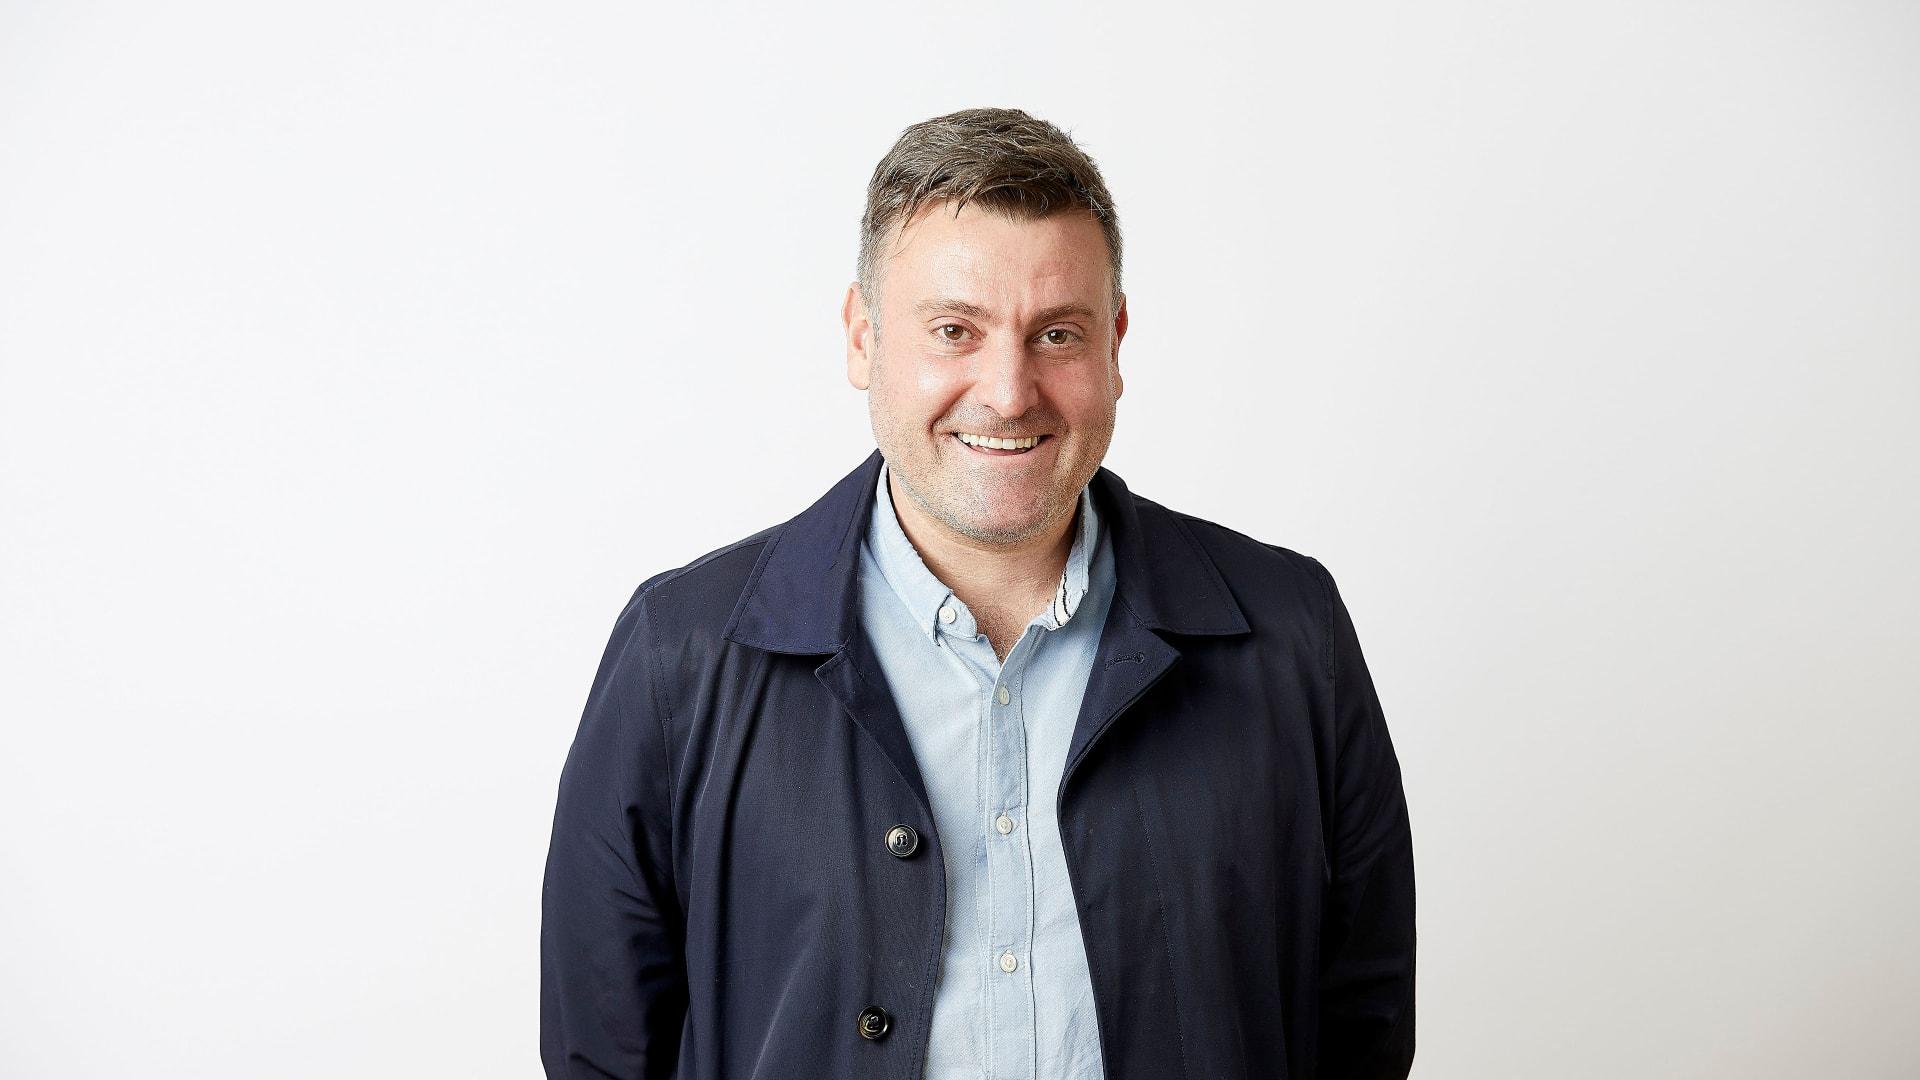 profile picture of Matt Steward